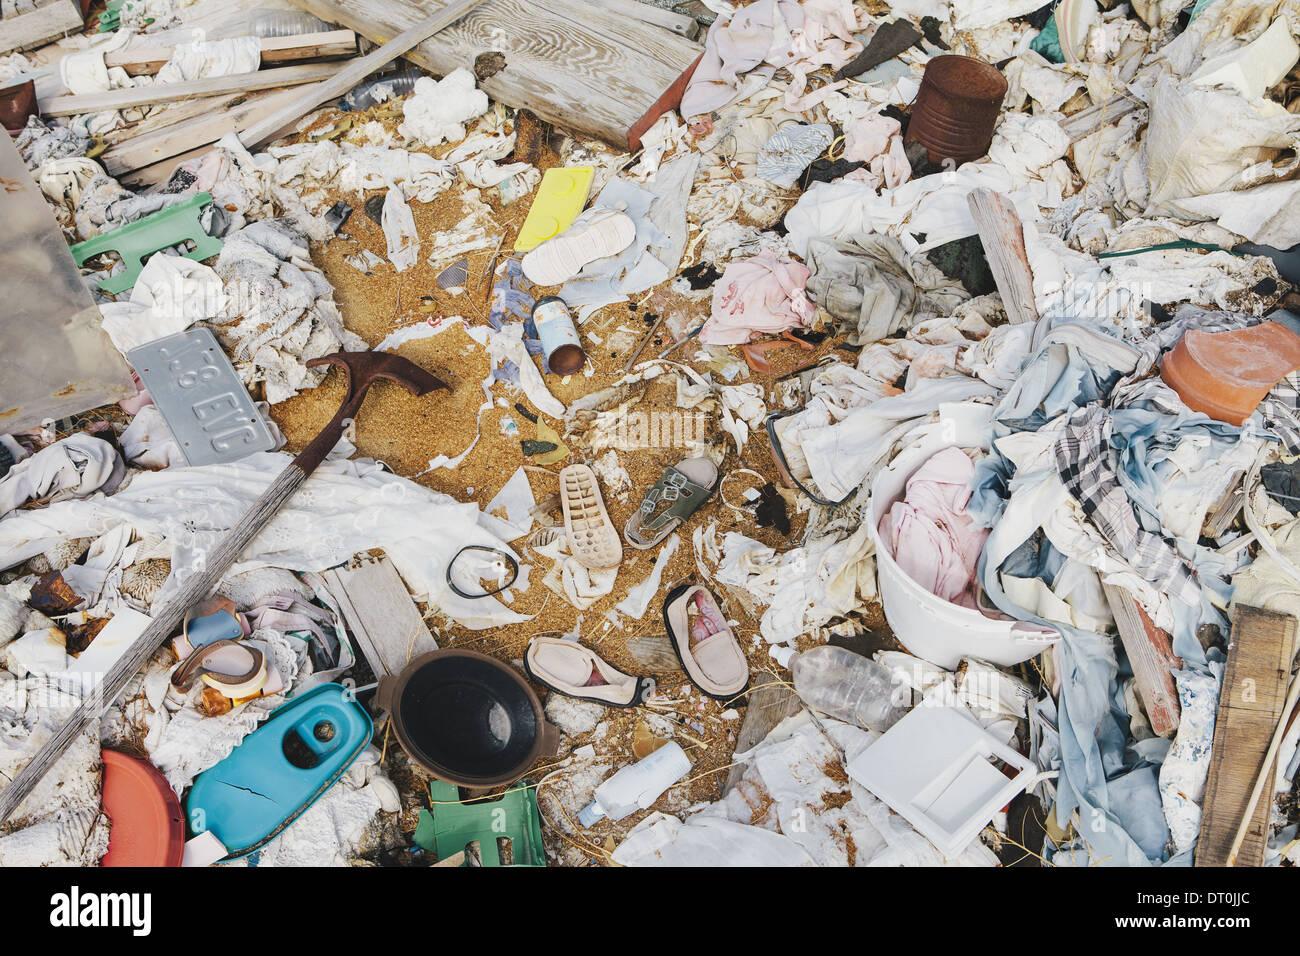 Haufen Müll weggeworfen hölzernen Pflanzen Kunststoff Stockbild